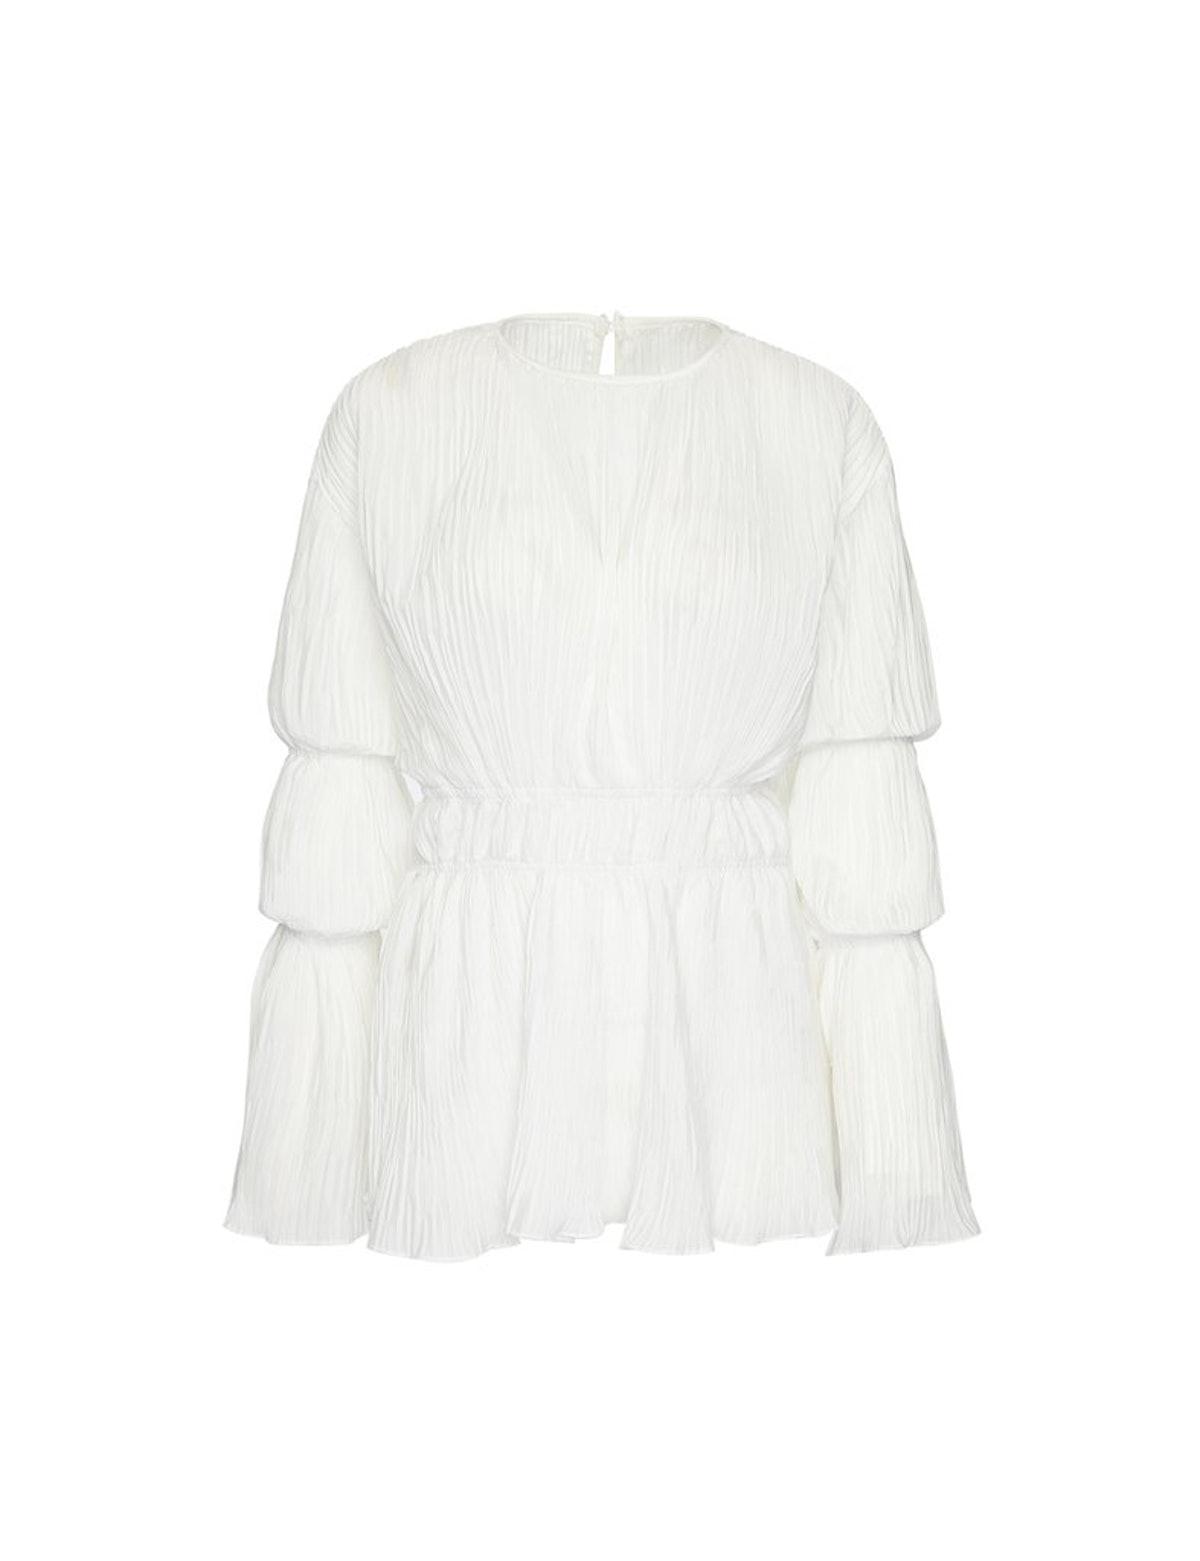 Kinu Top in White